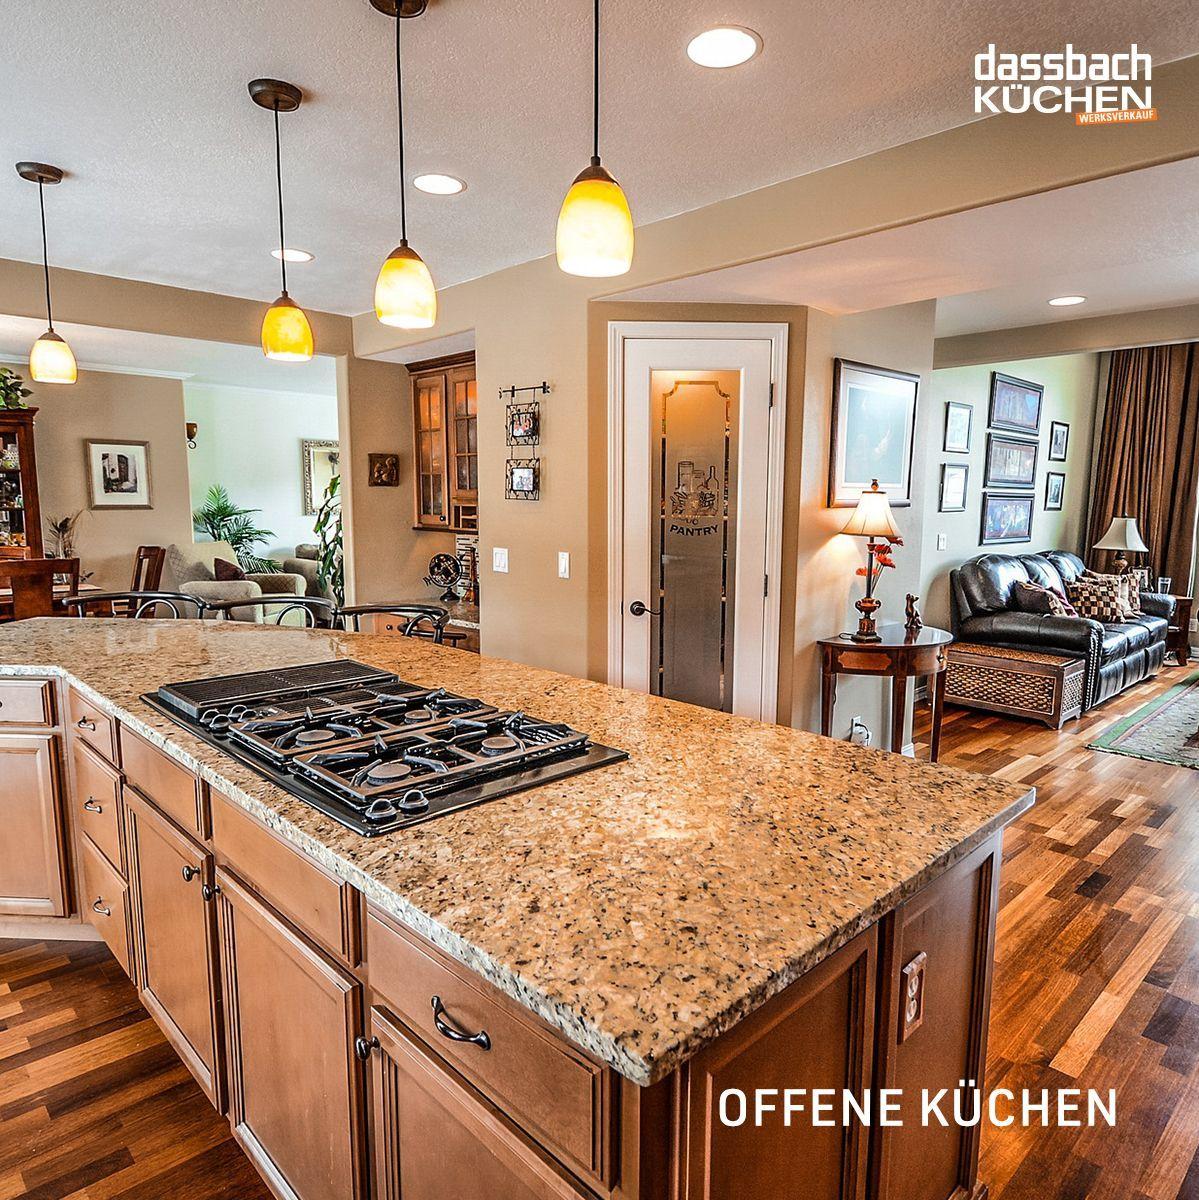 Viele Haushalte haben bereits eine offene Küche. Bis zu 90